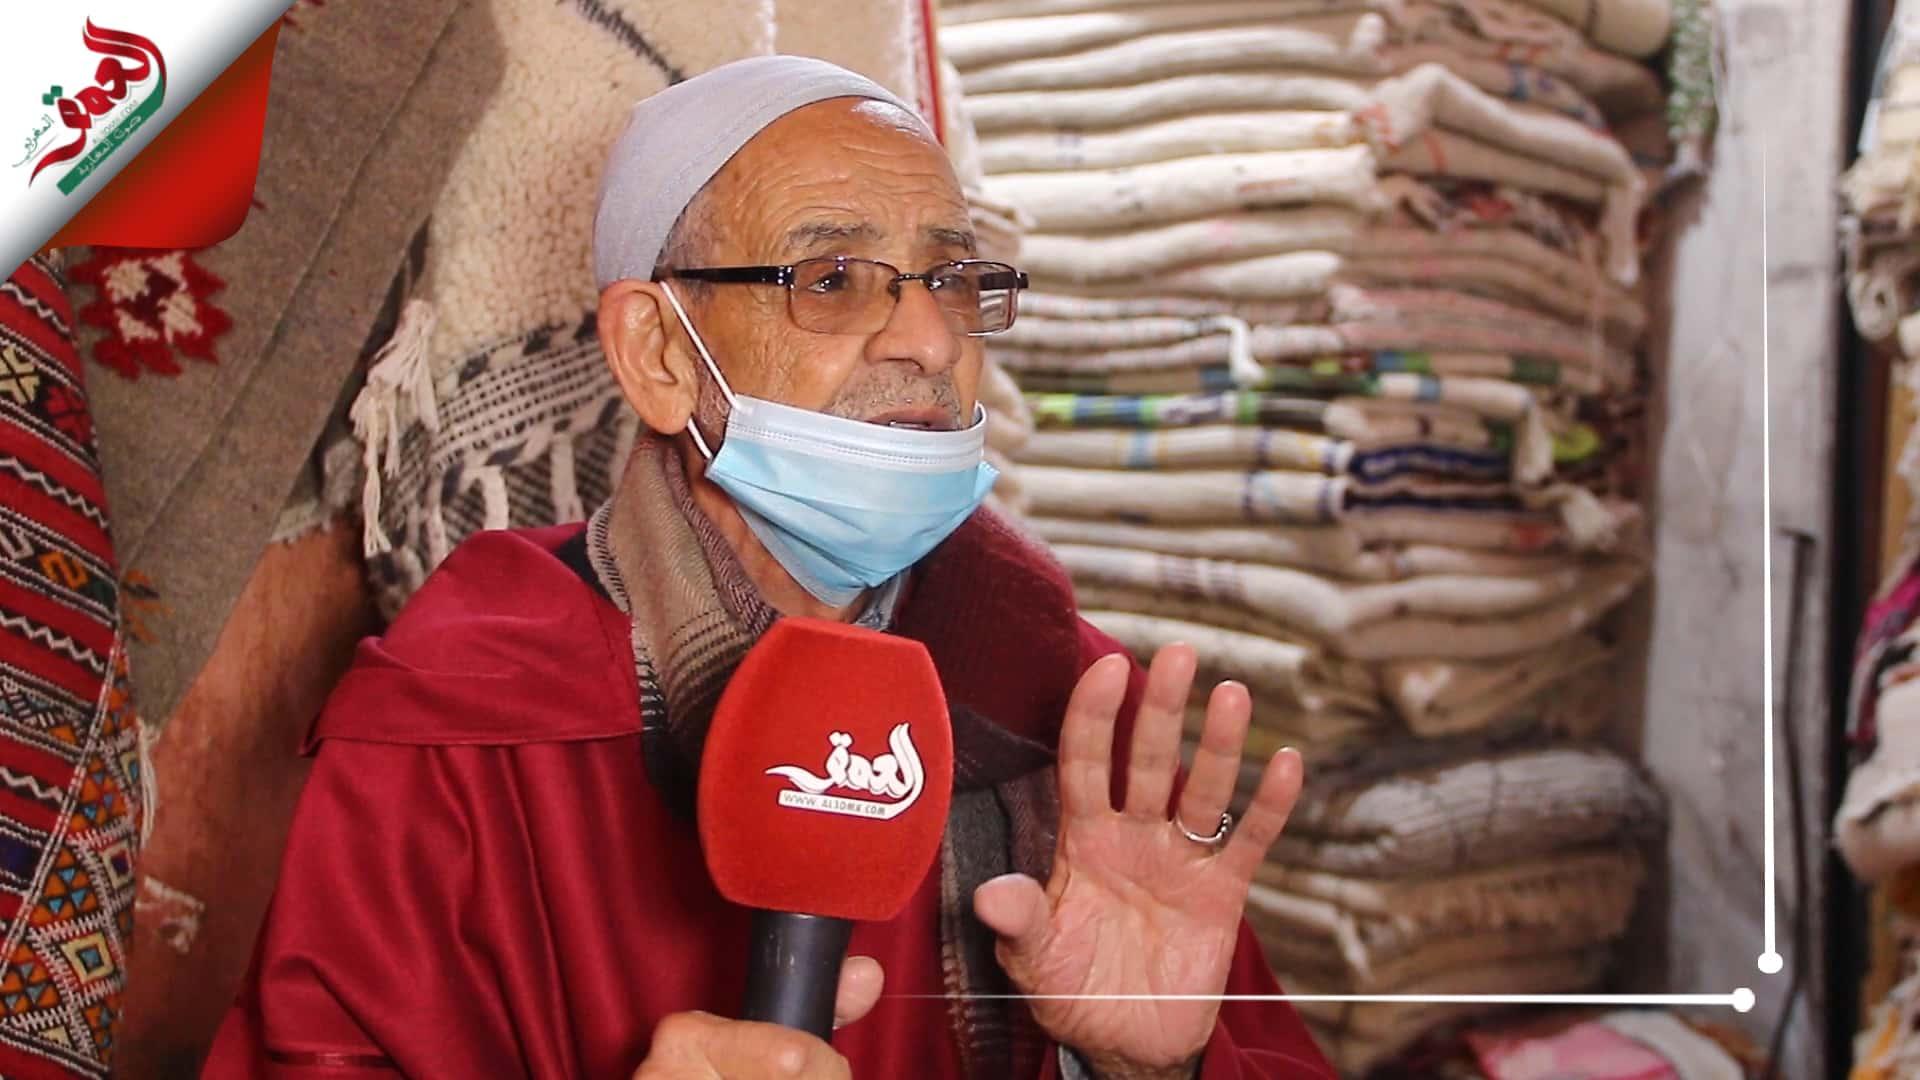 نائب أمين تجار سوق الزرابي بمراكش